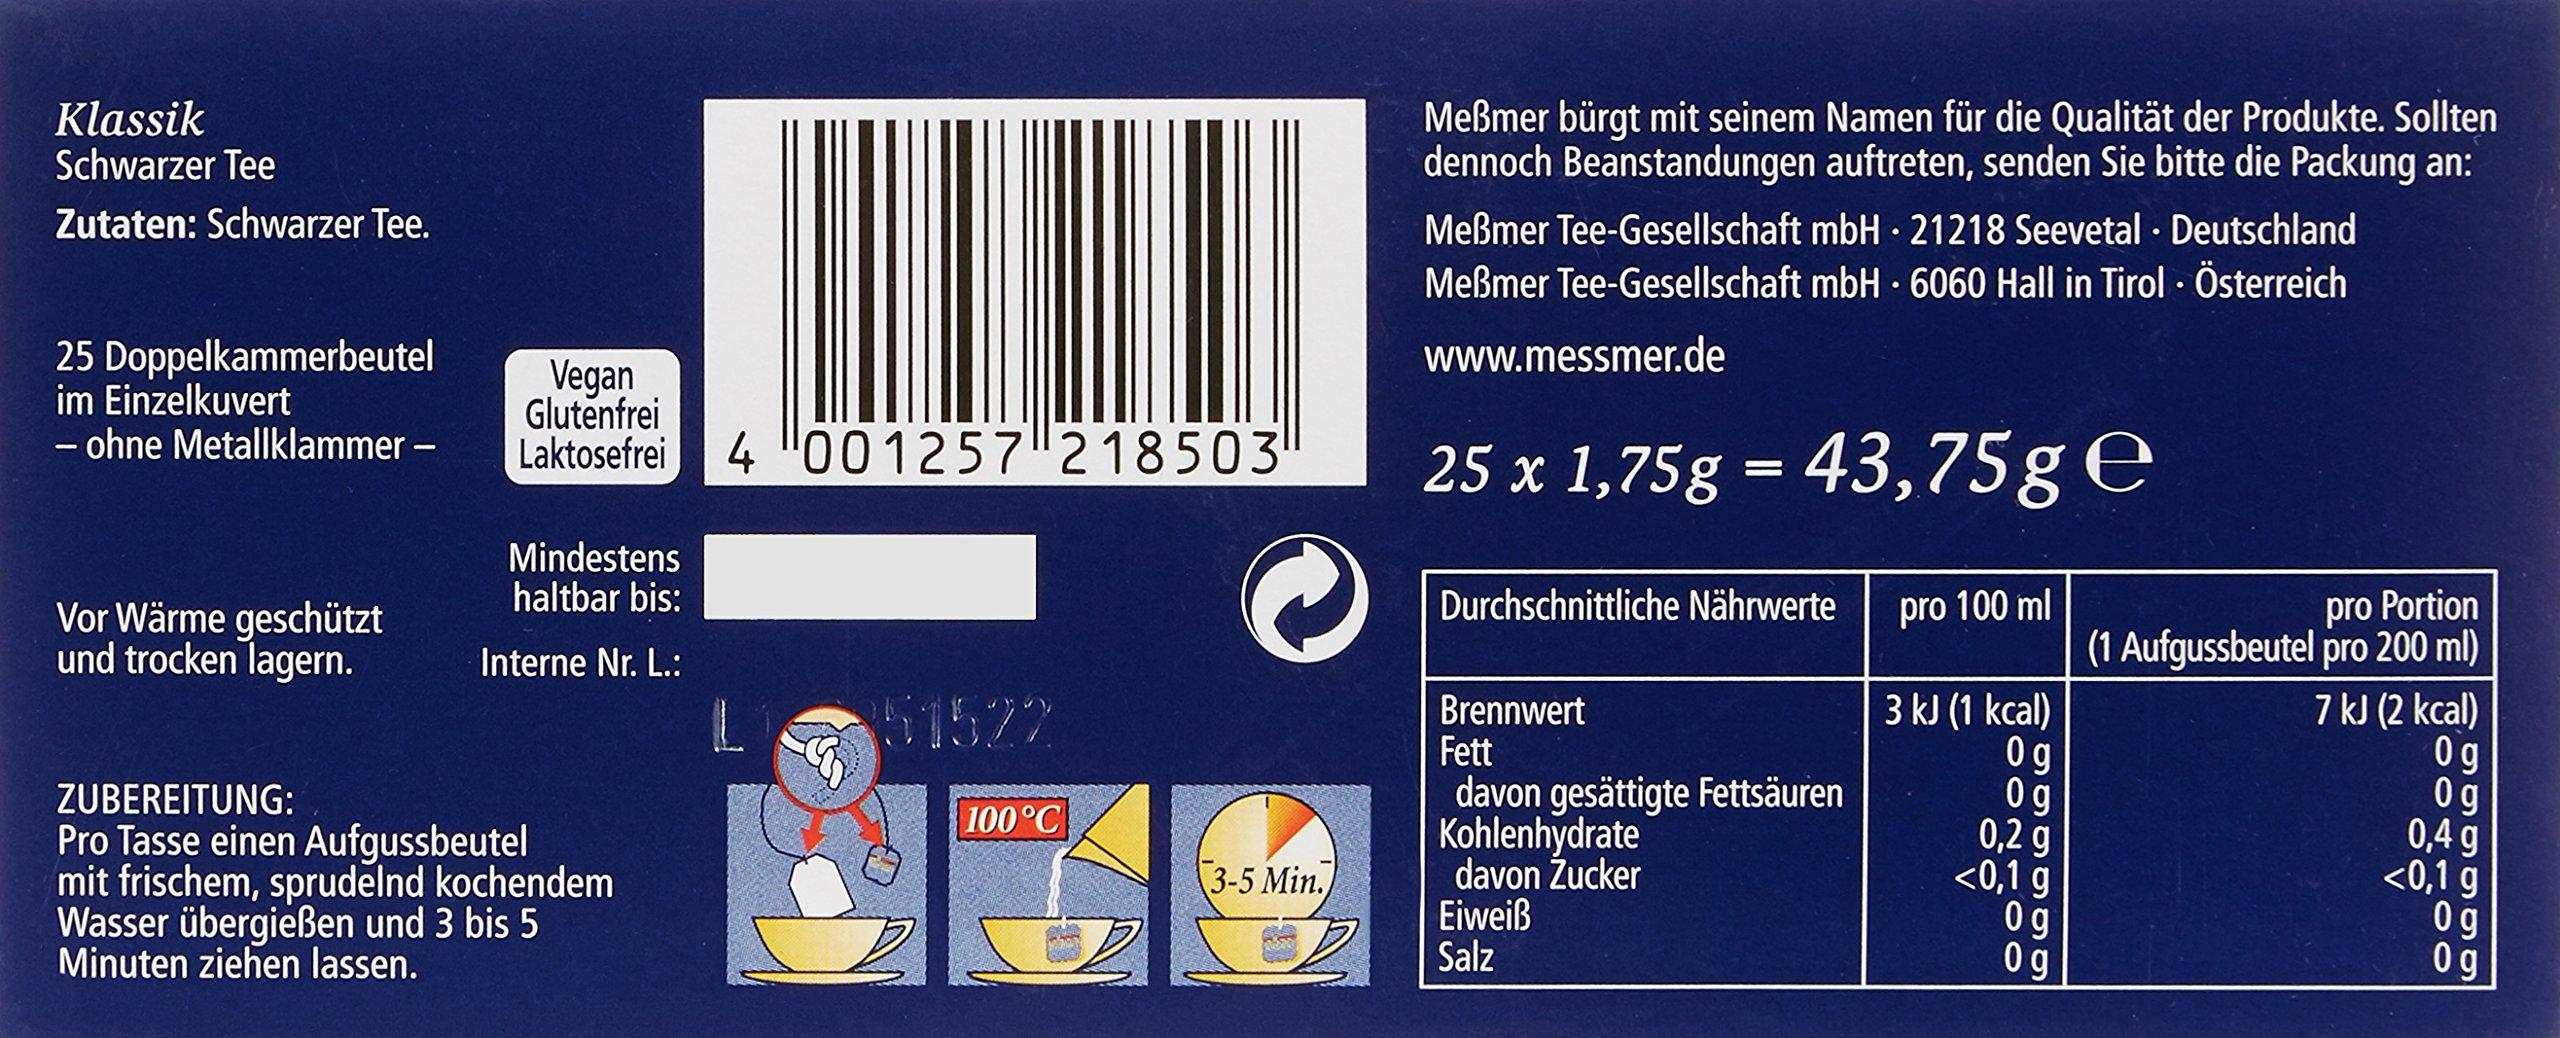 Memer-Klassik-25-Teebeutel-4375-g-Packung